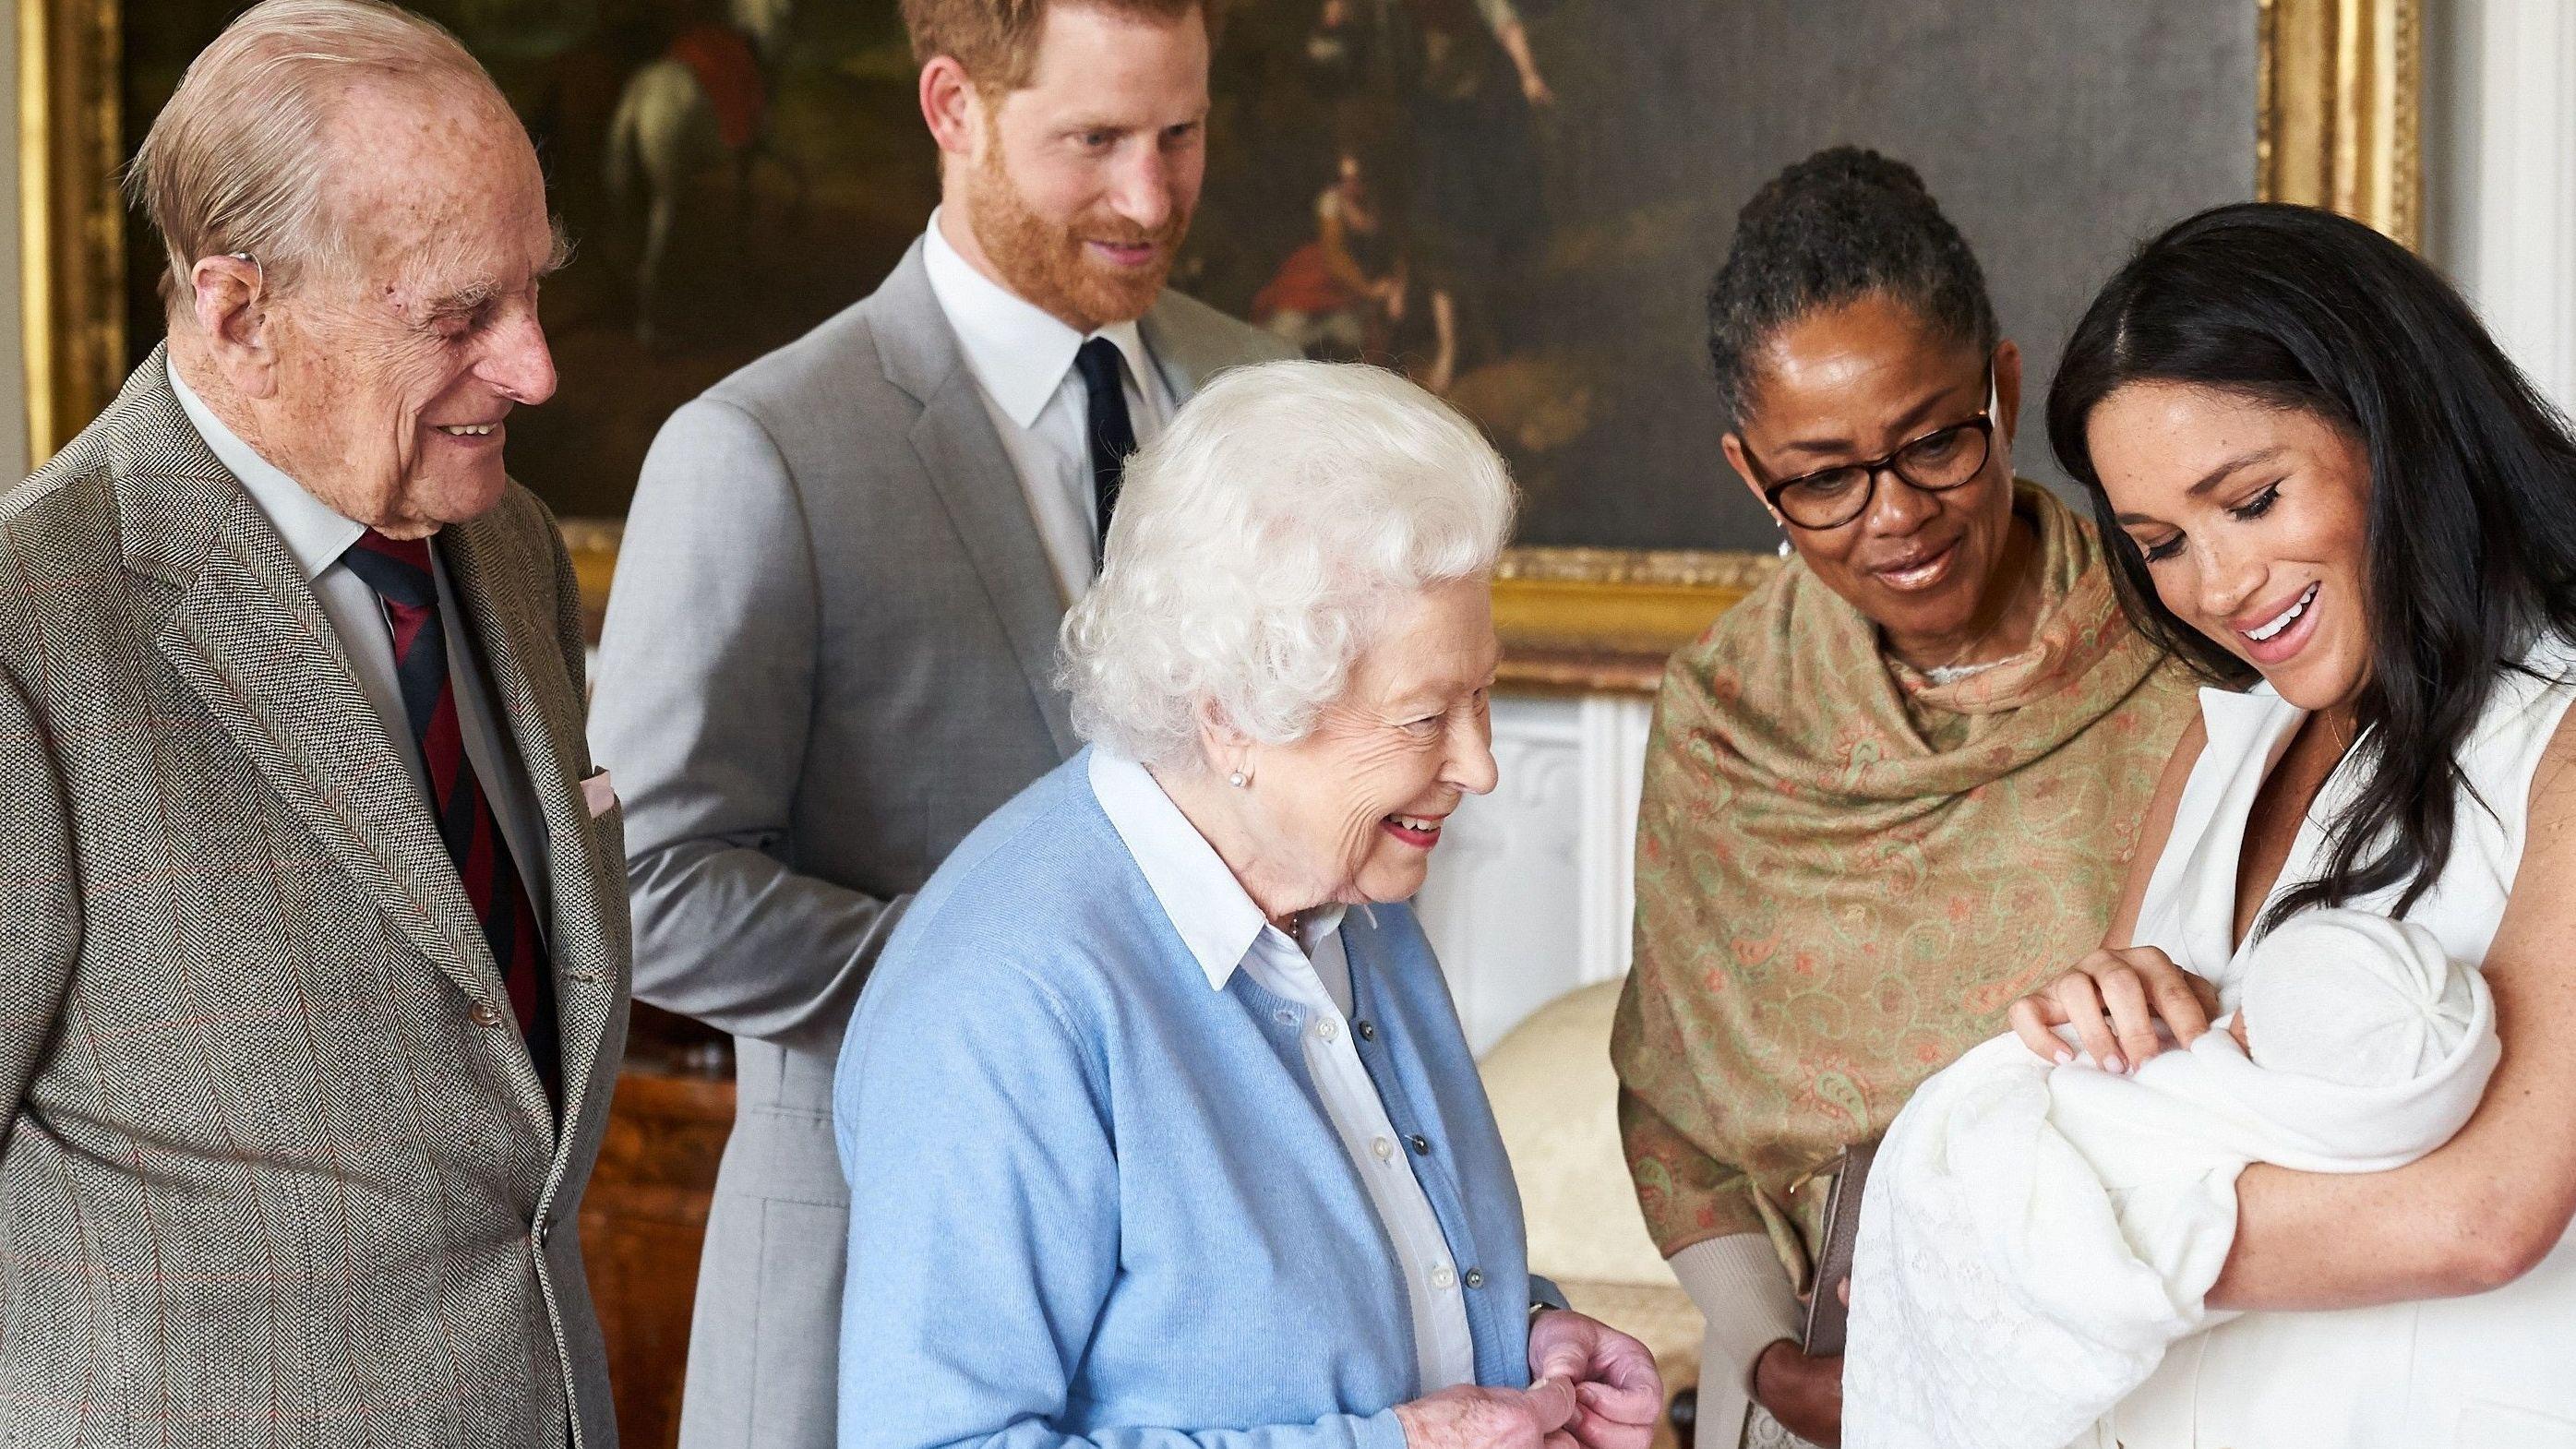 Am Montag kam der vierte Enkel von Prinz Charles zur Welt. Das erste Kind von Prinz Harry und seiner Frau Herzogin Meghan heißt Archie.